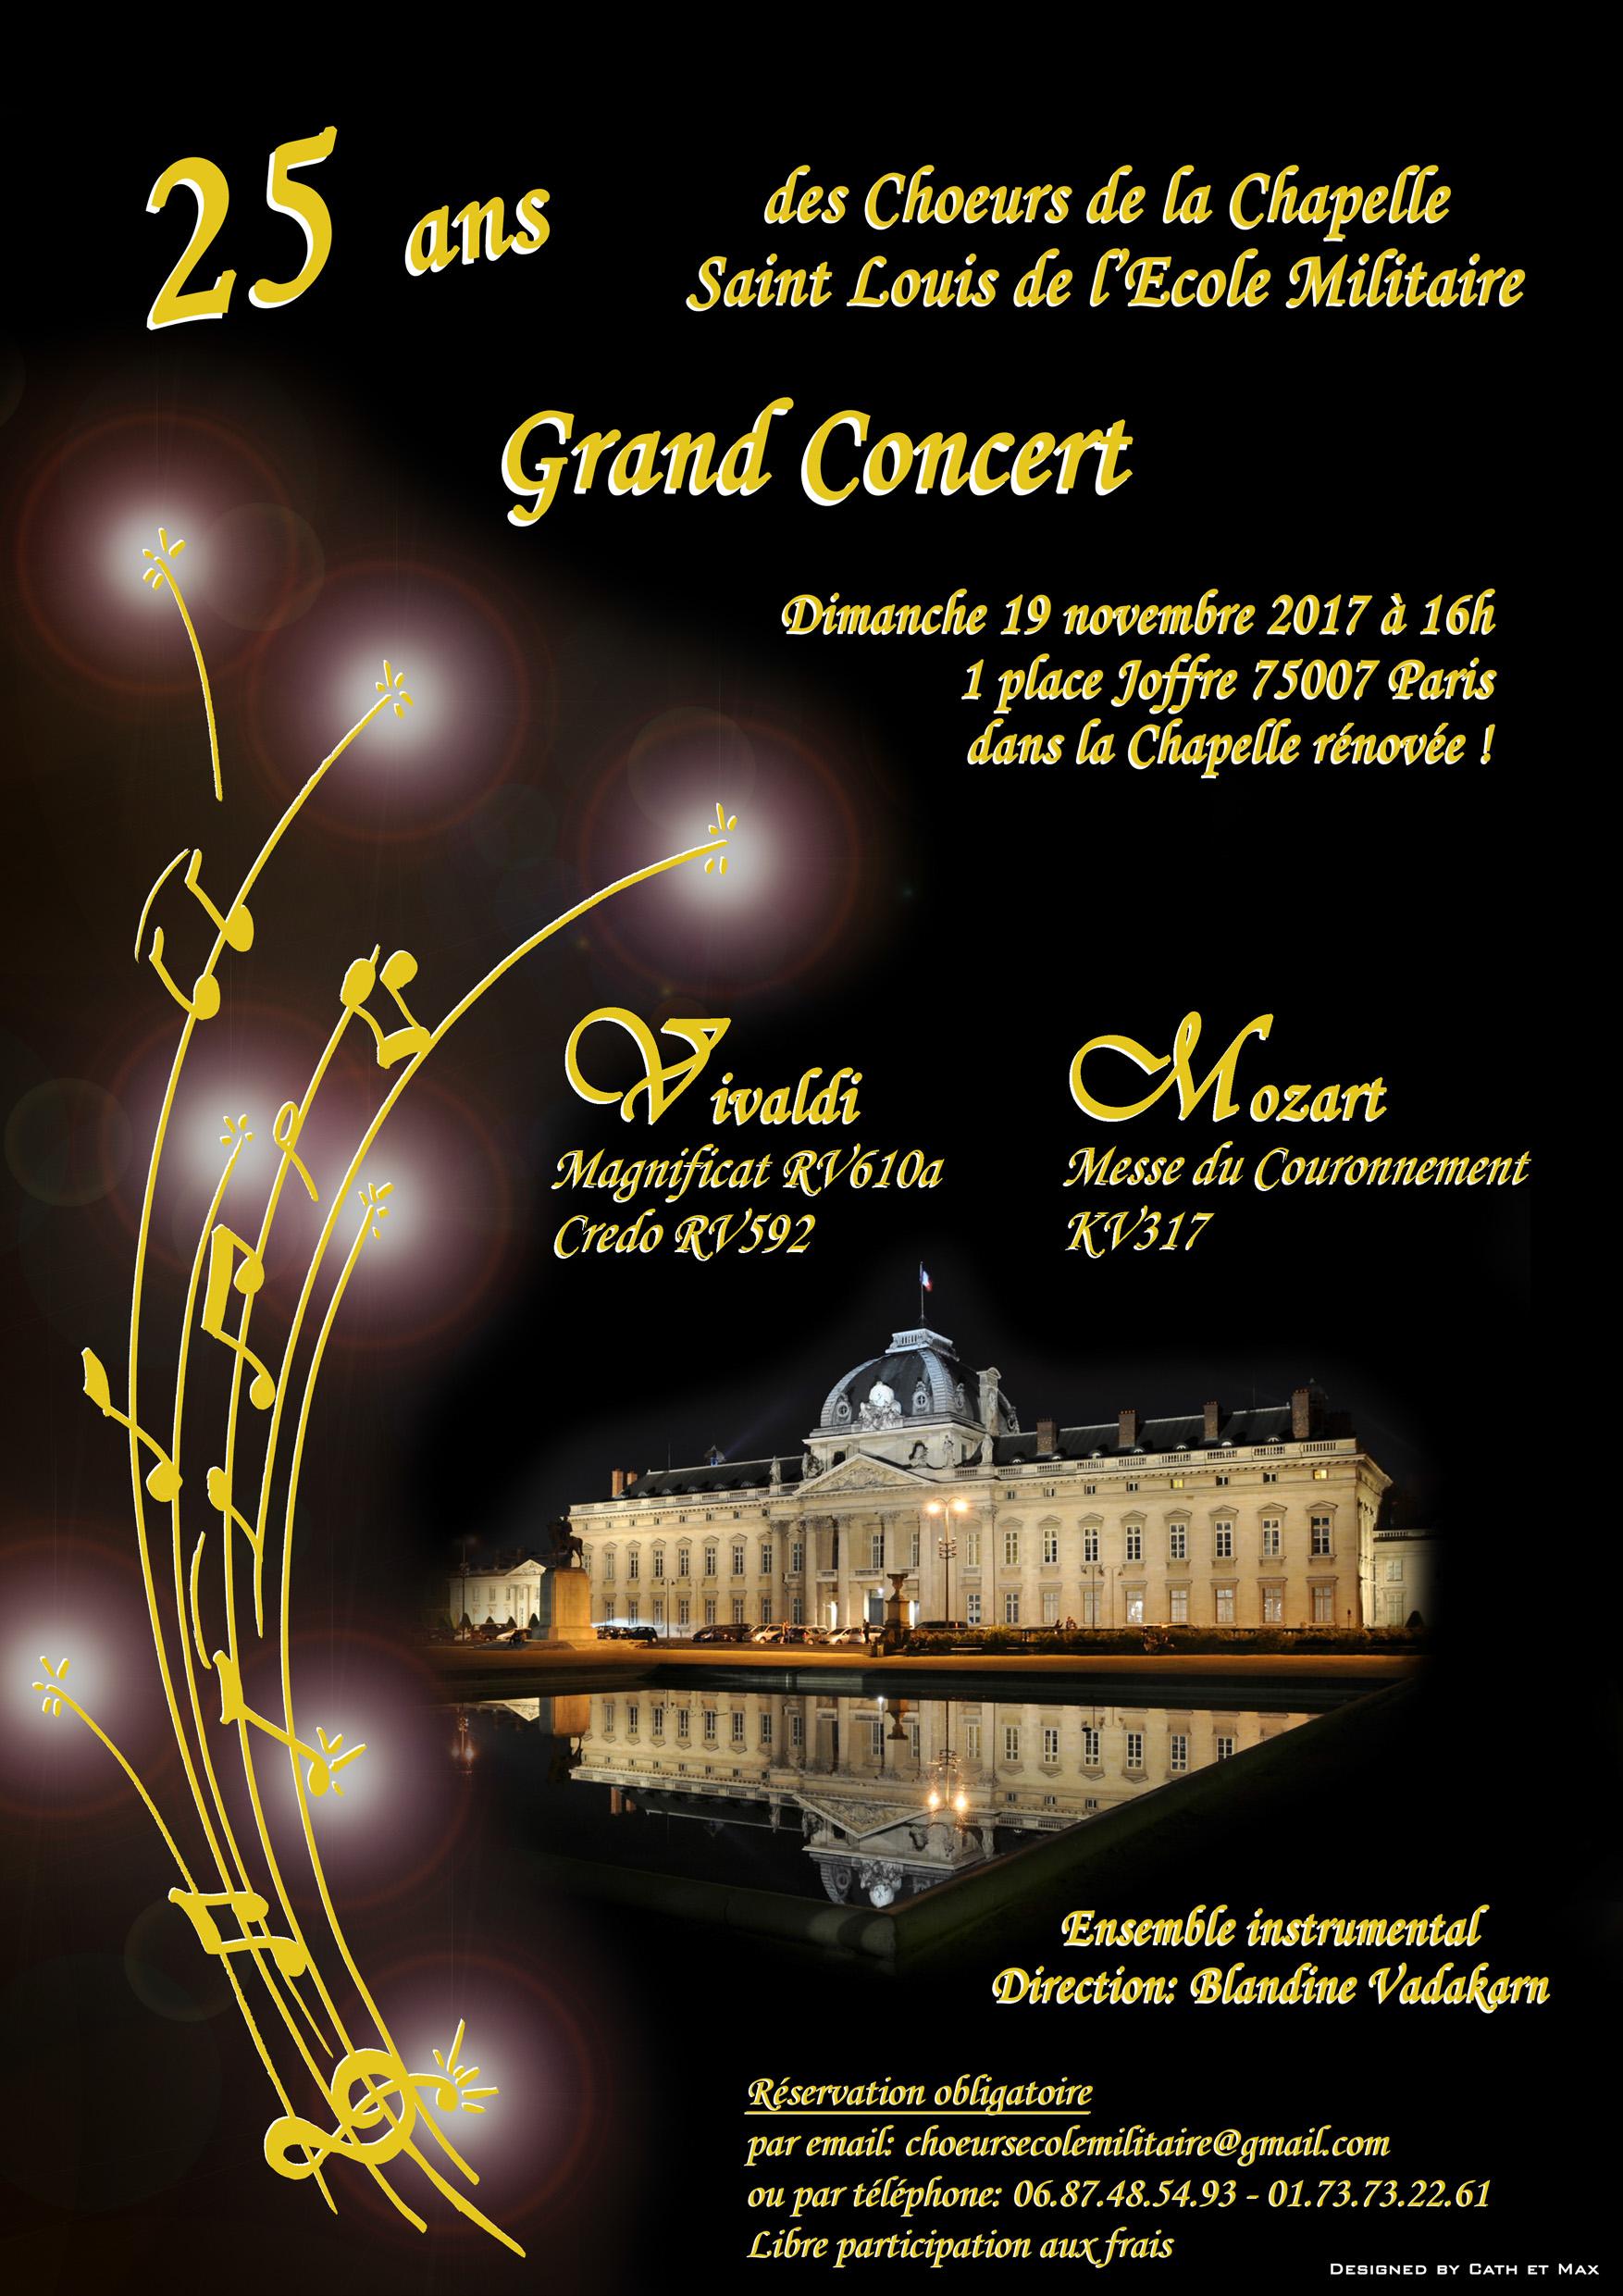 Concert Chœurs Saint Louis de l'École Militaire - Mairie du 7e